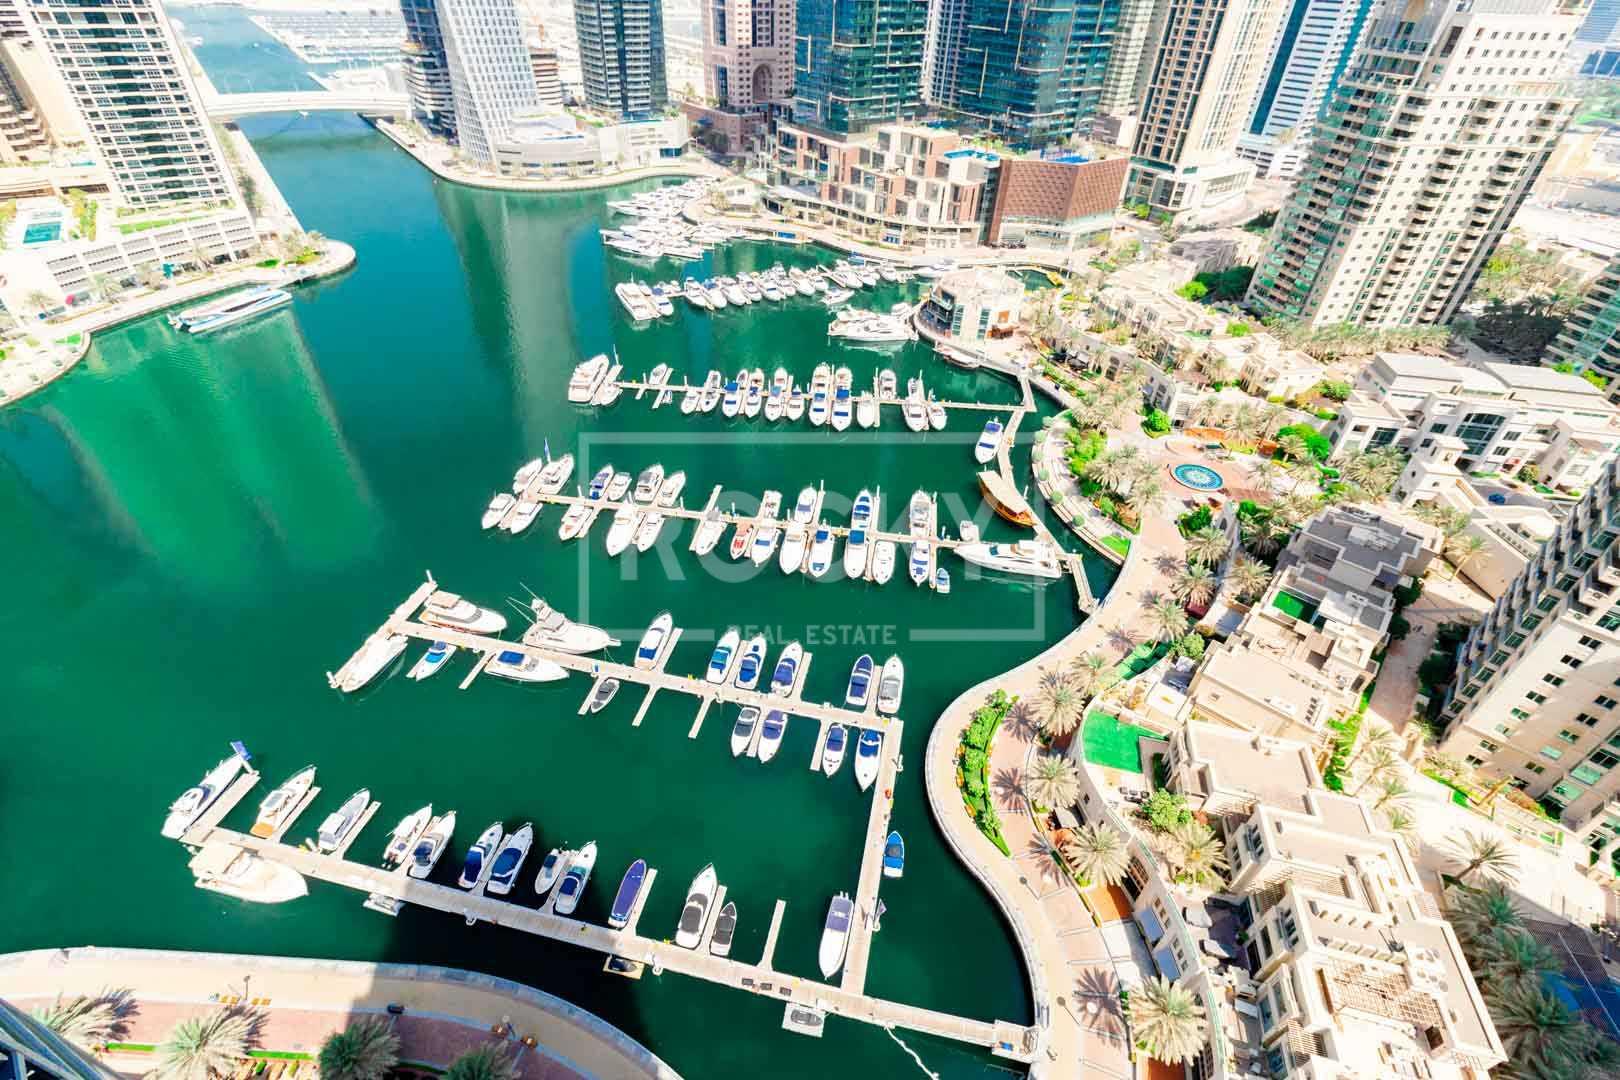 Vacant | Chiller Free | Marina Views